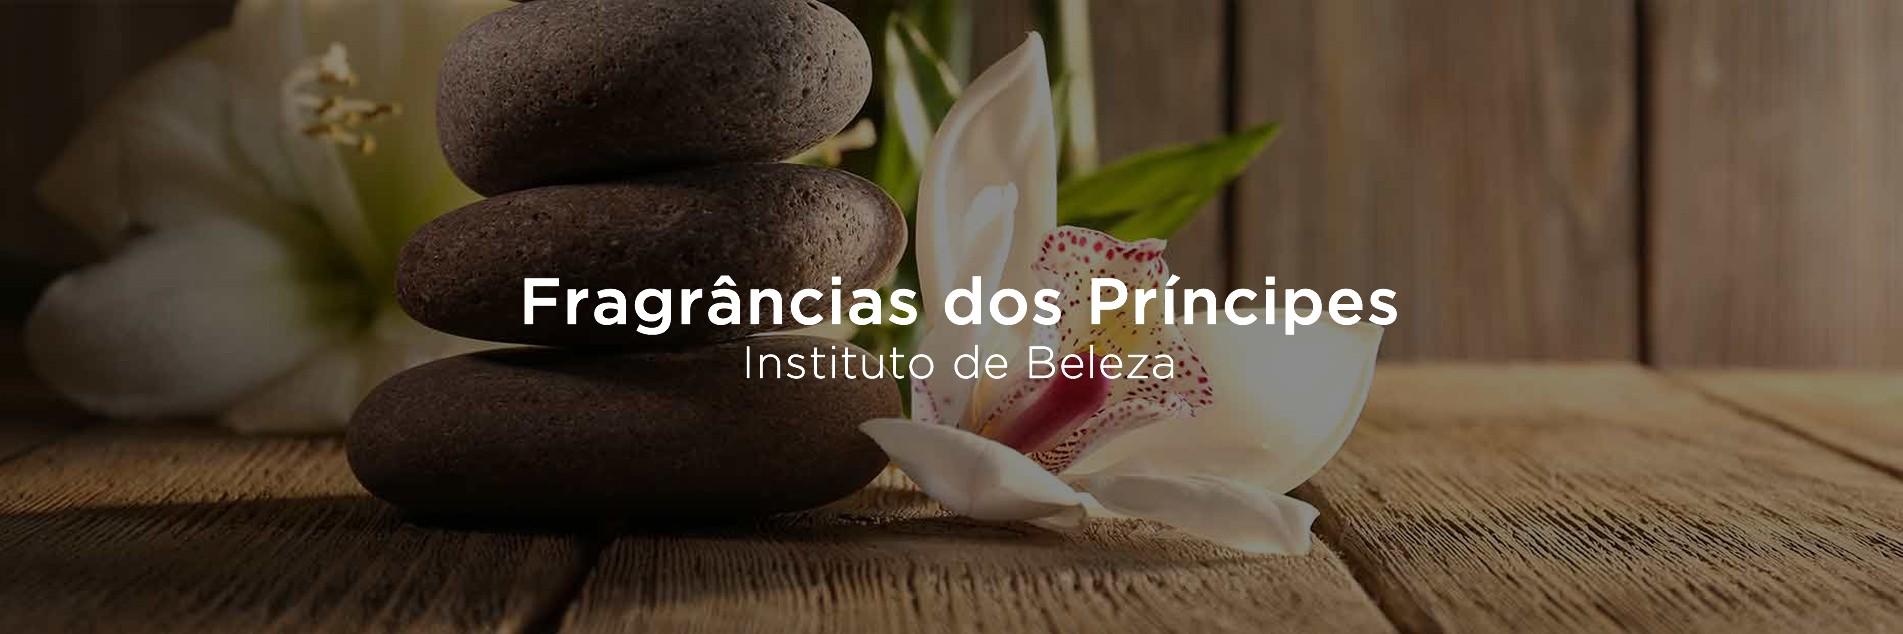 Fragrâncias dos Príncipes